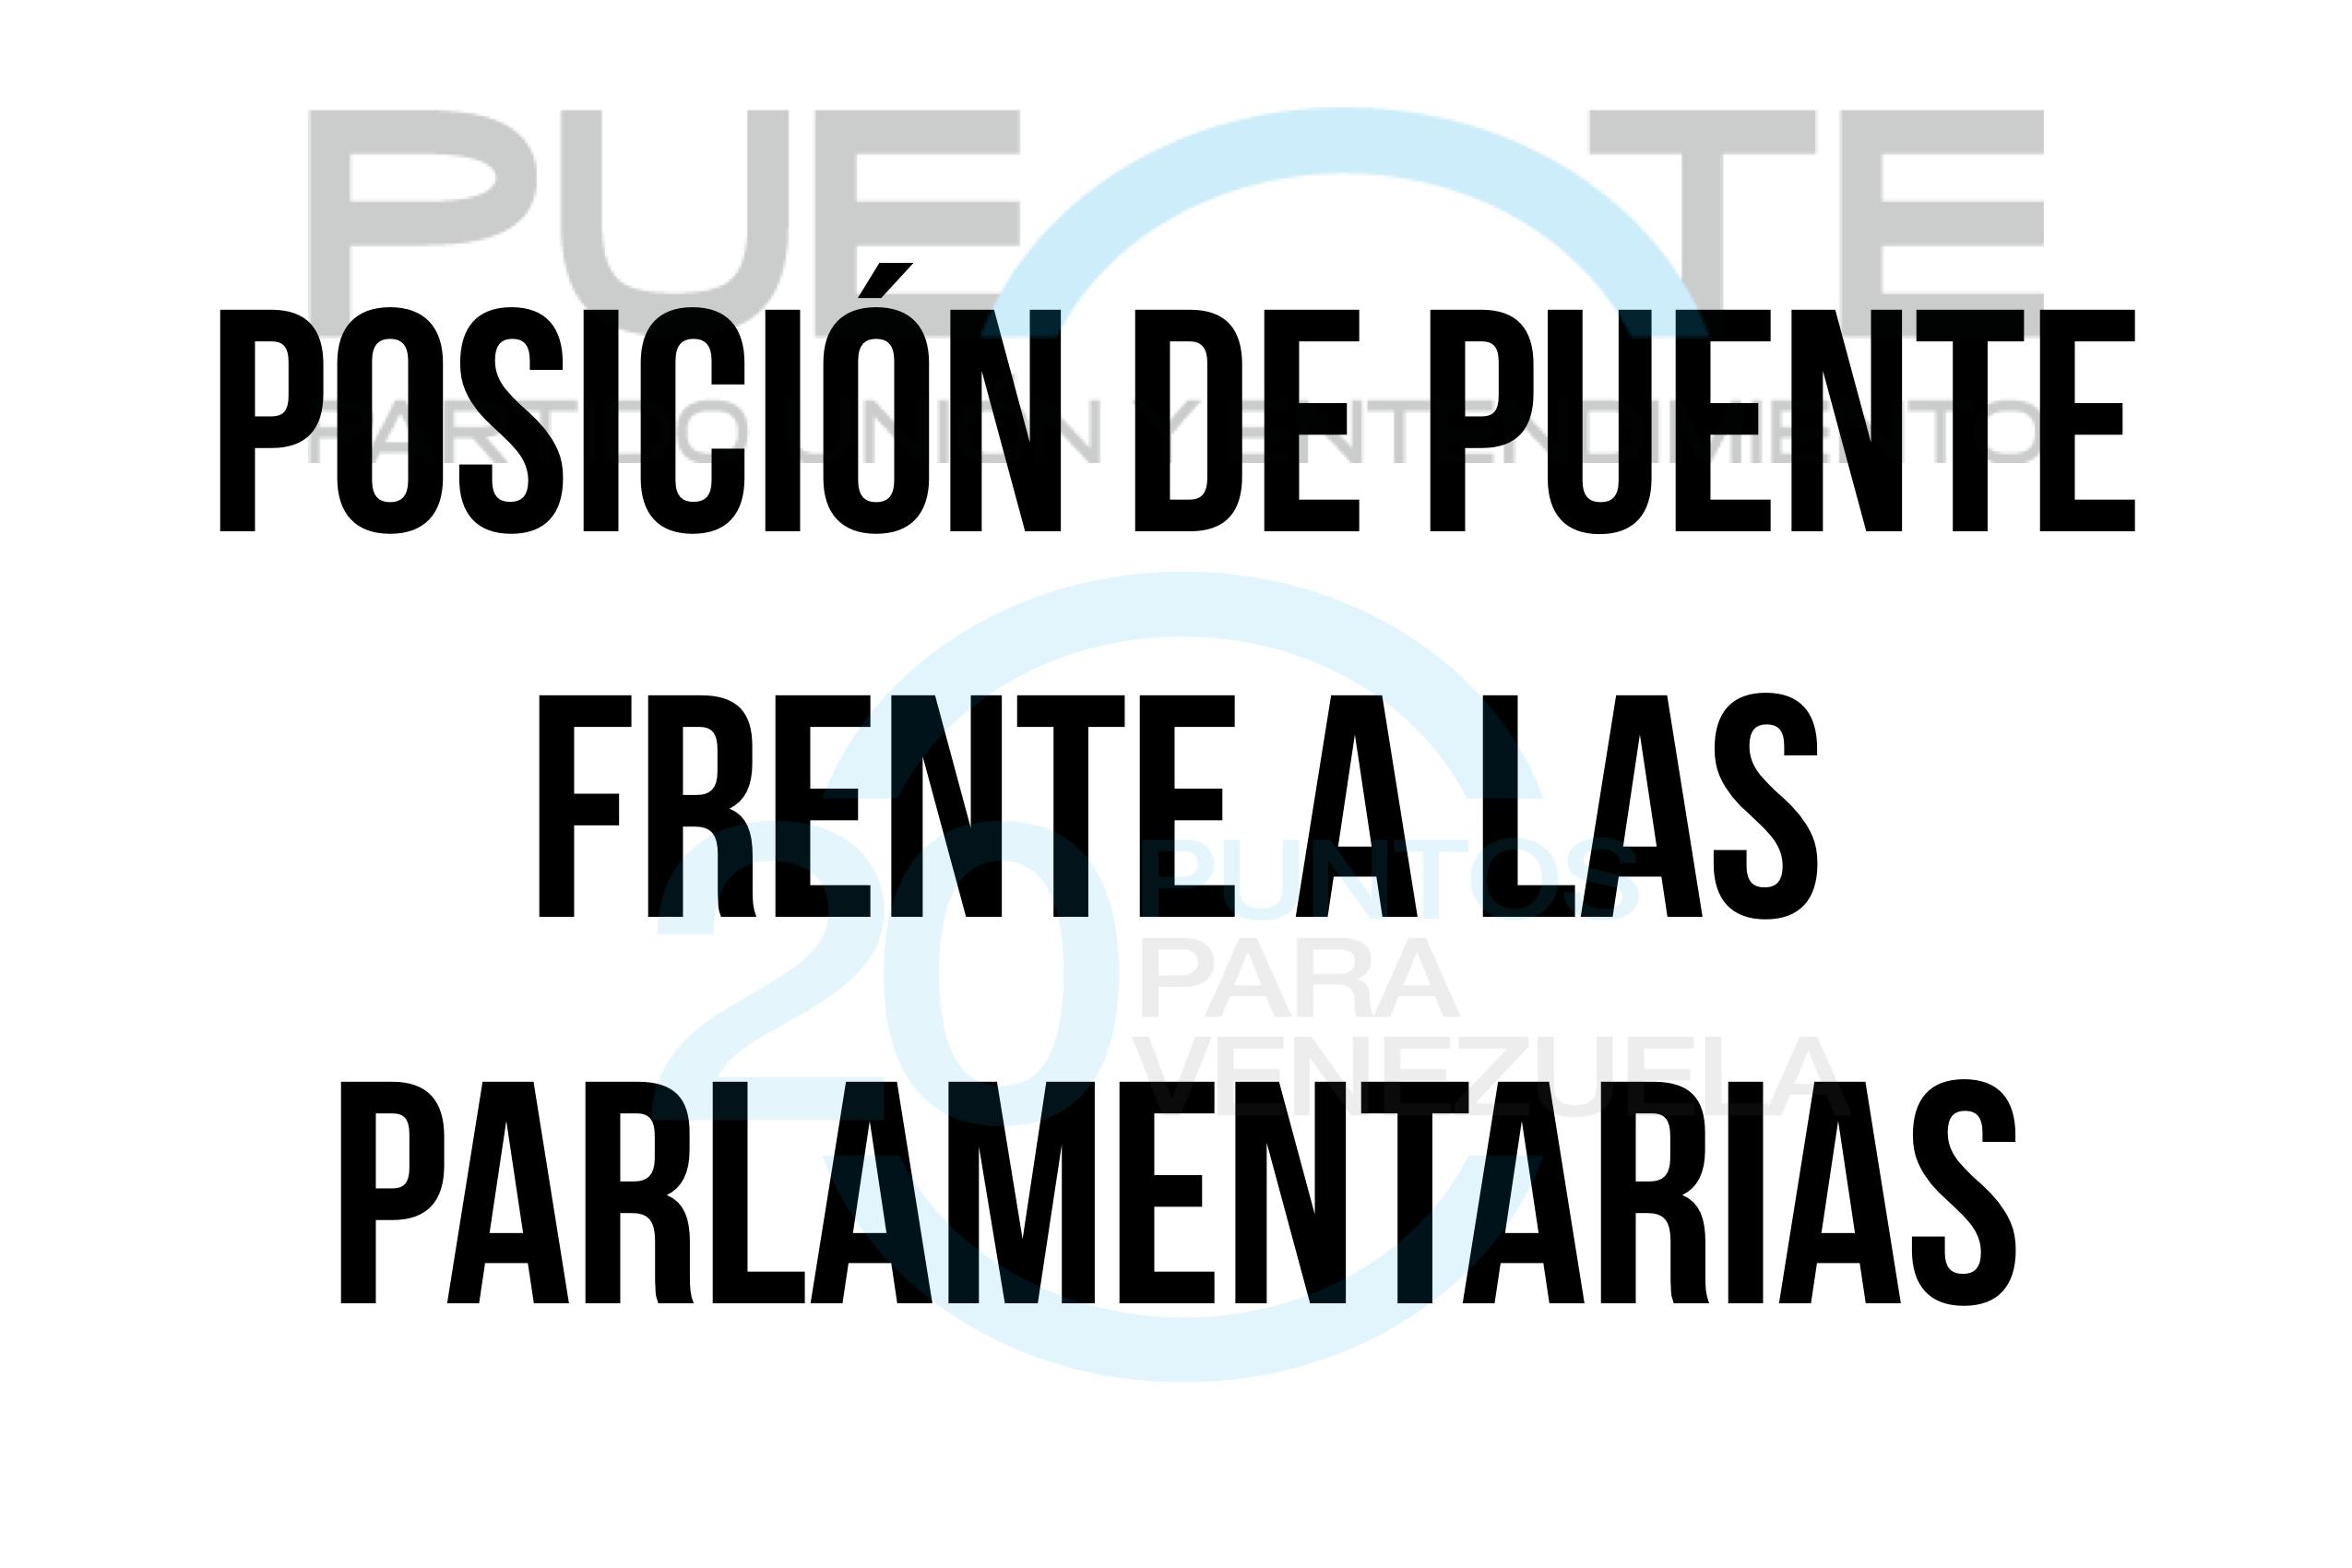 Posicion de PUENTE frente a las Parlamentarias